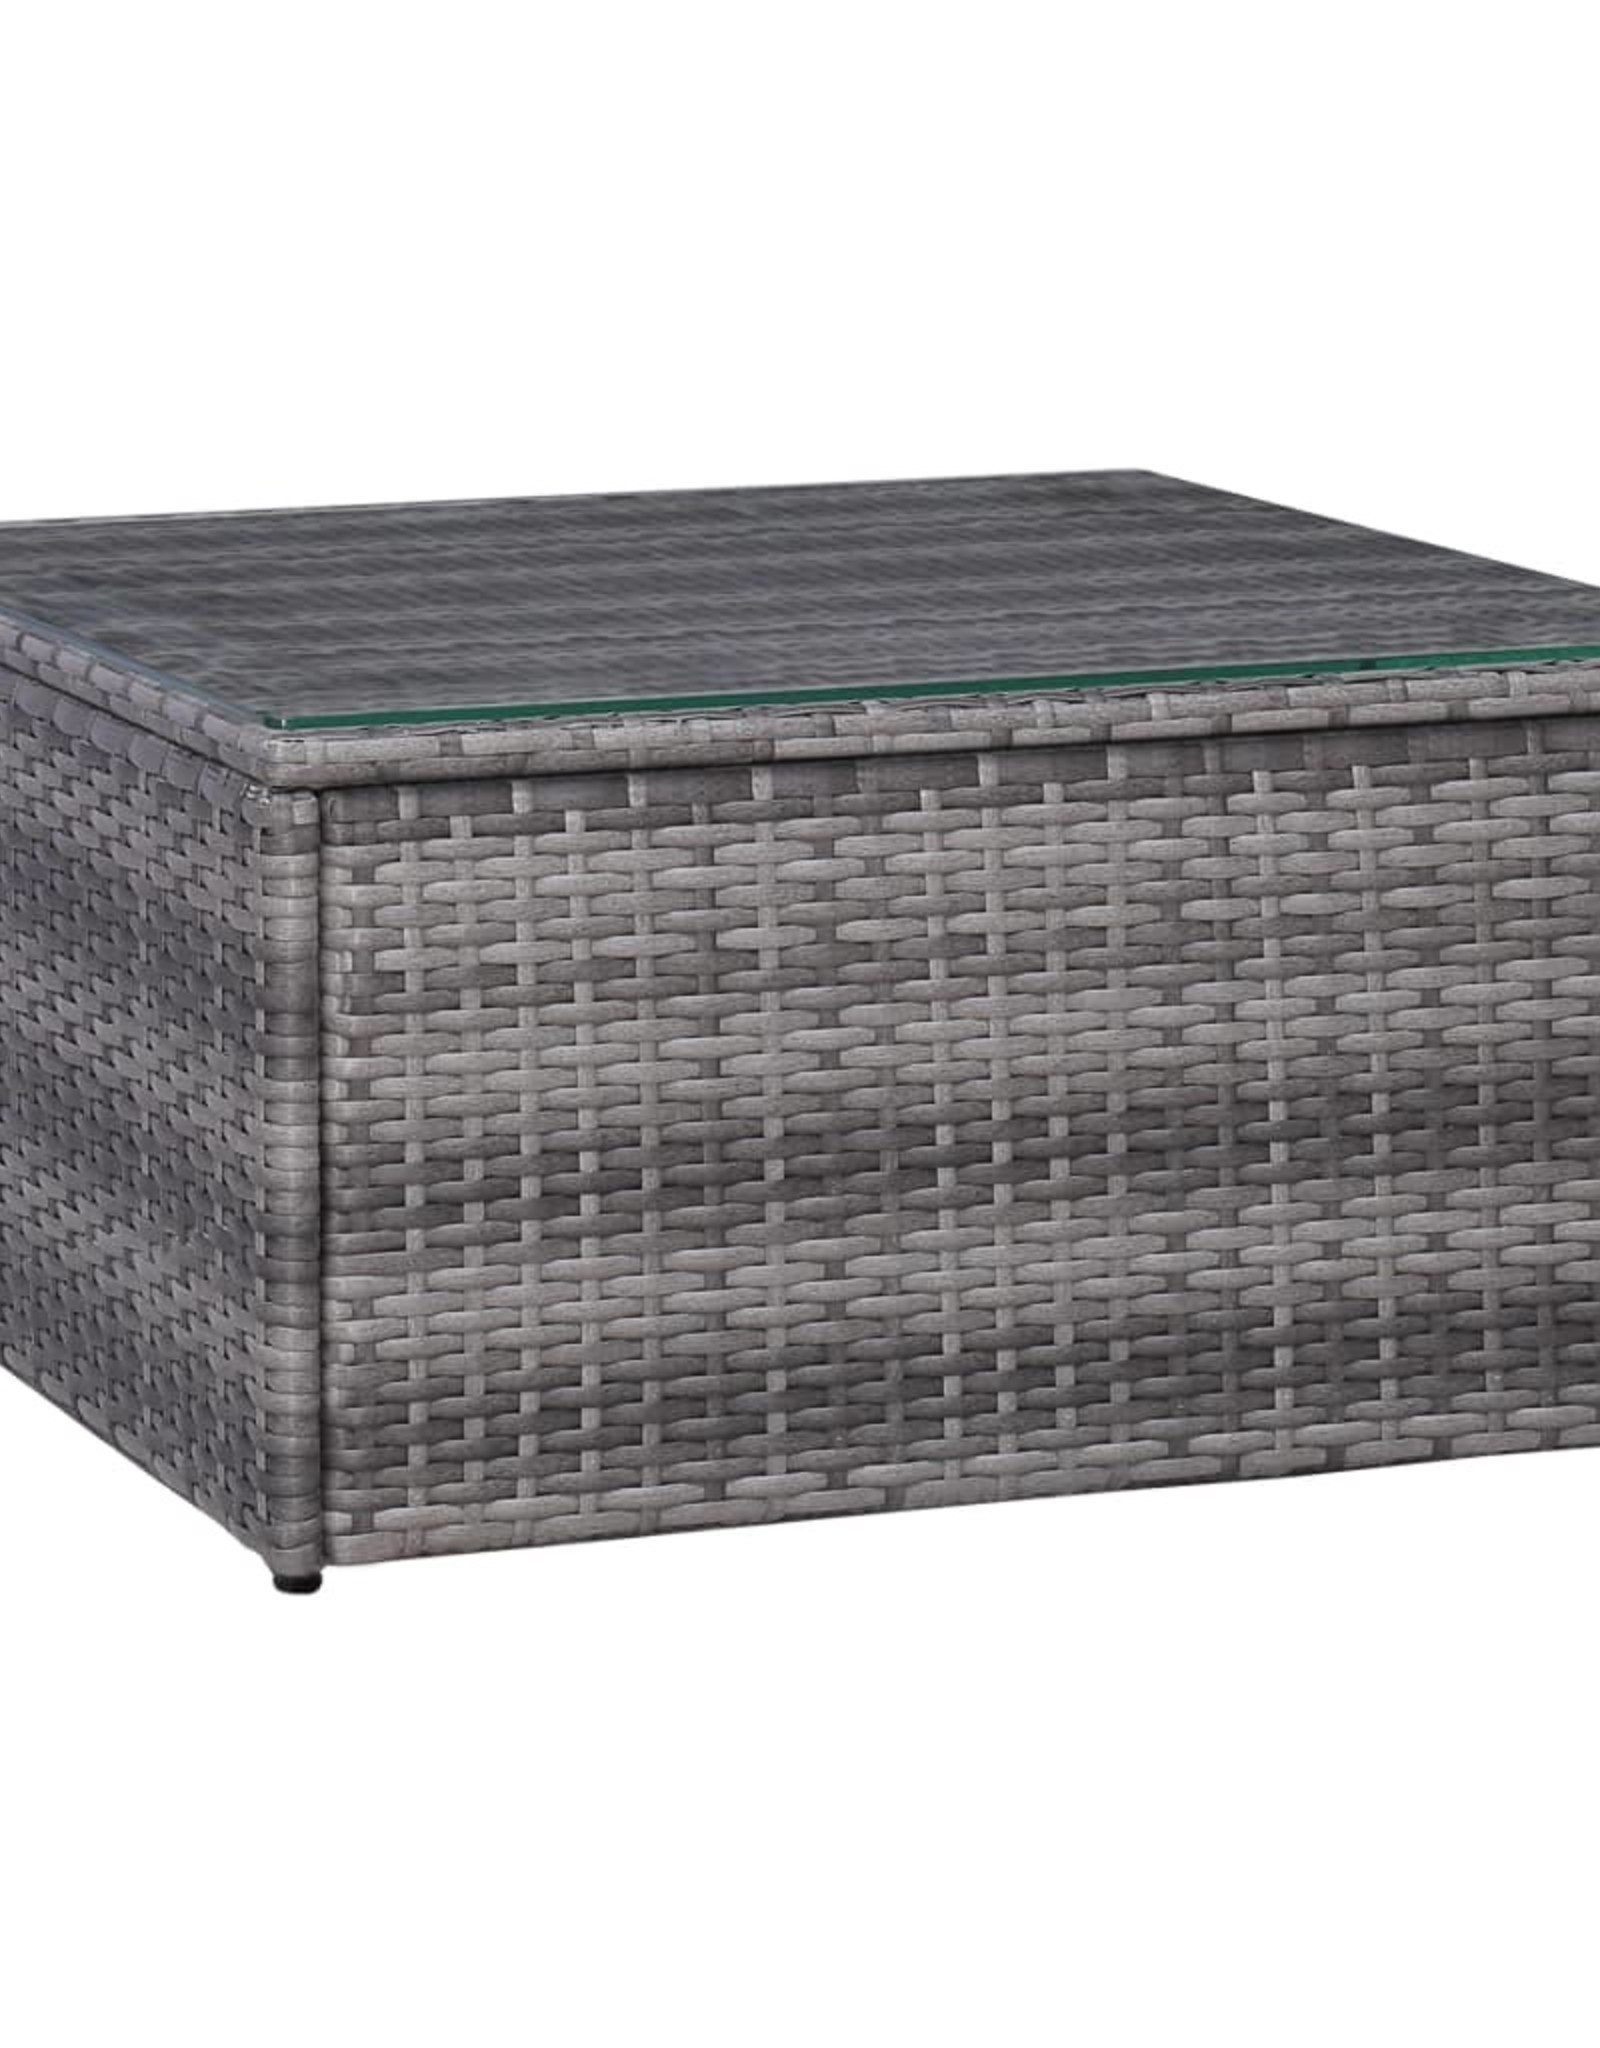 vidaXL 5-delige Loungeset met kussens poly rattan grijs